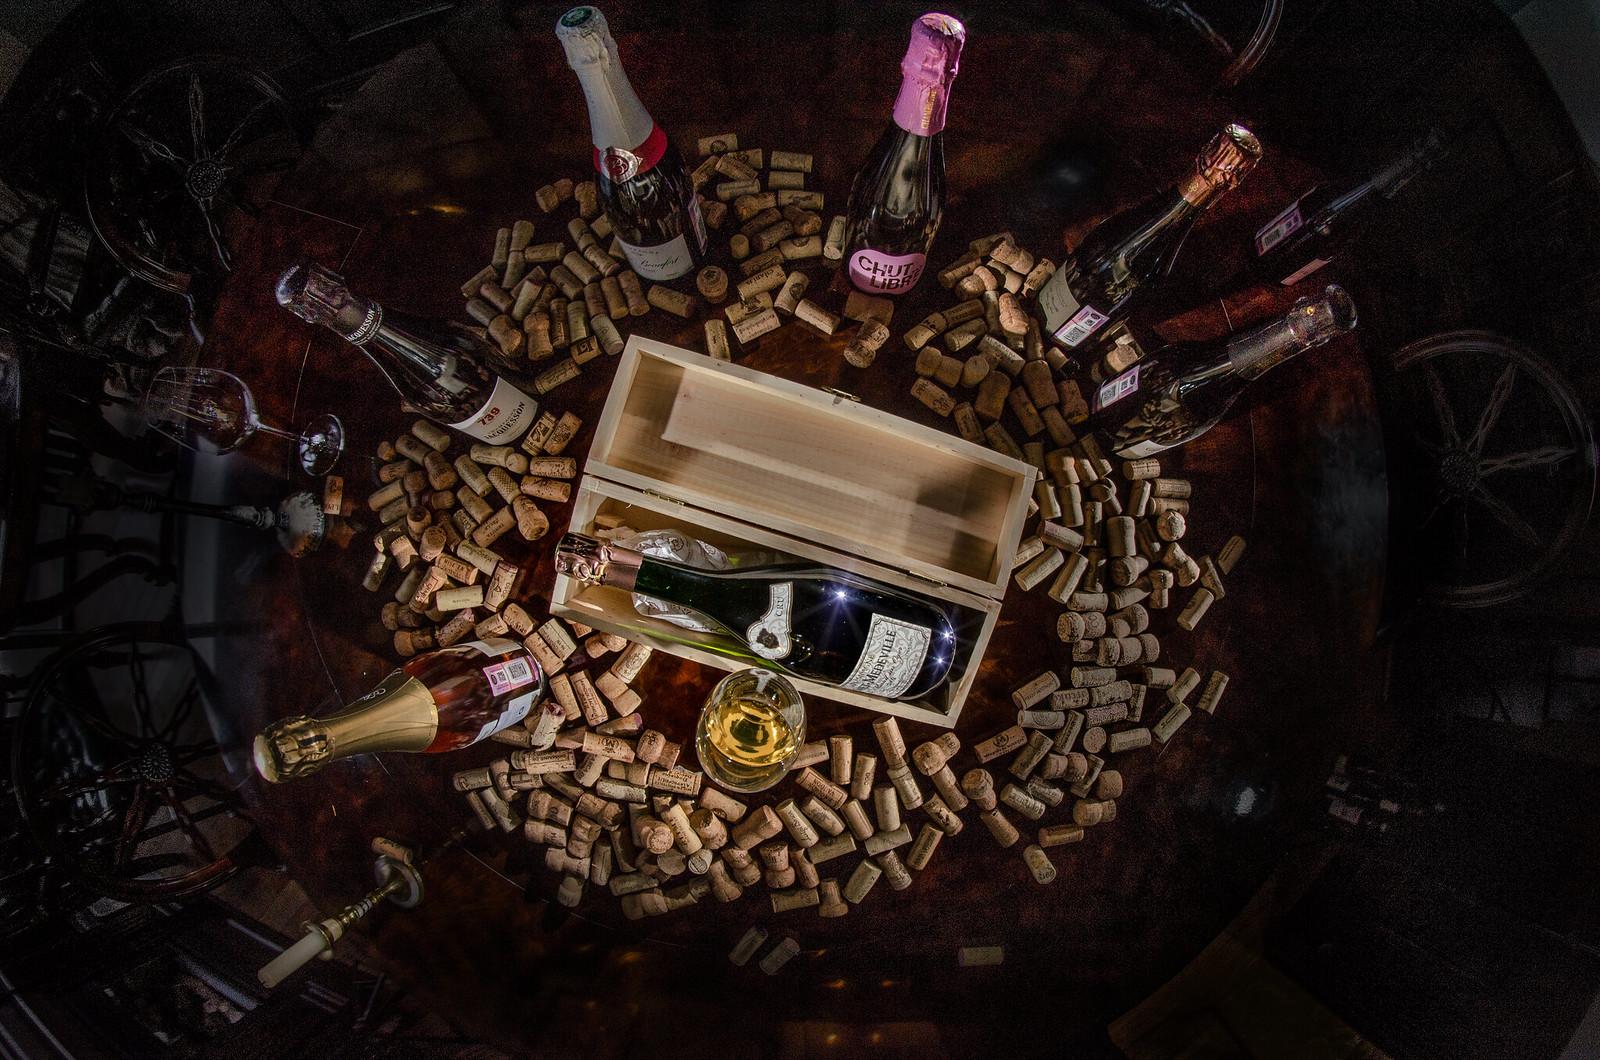 предметный фотограф Екатеринбург - Энотека Code de Vino - Энотека Code de Vino - топ фотограф России